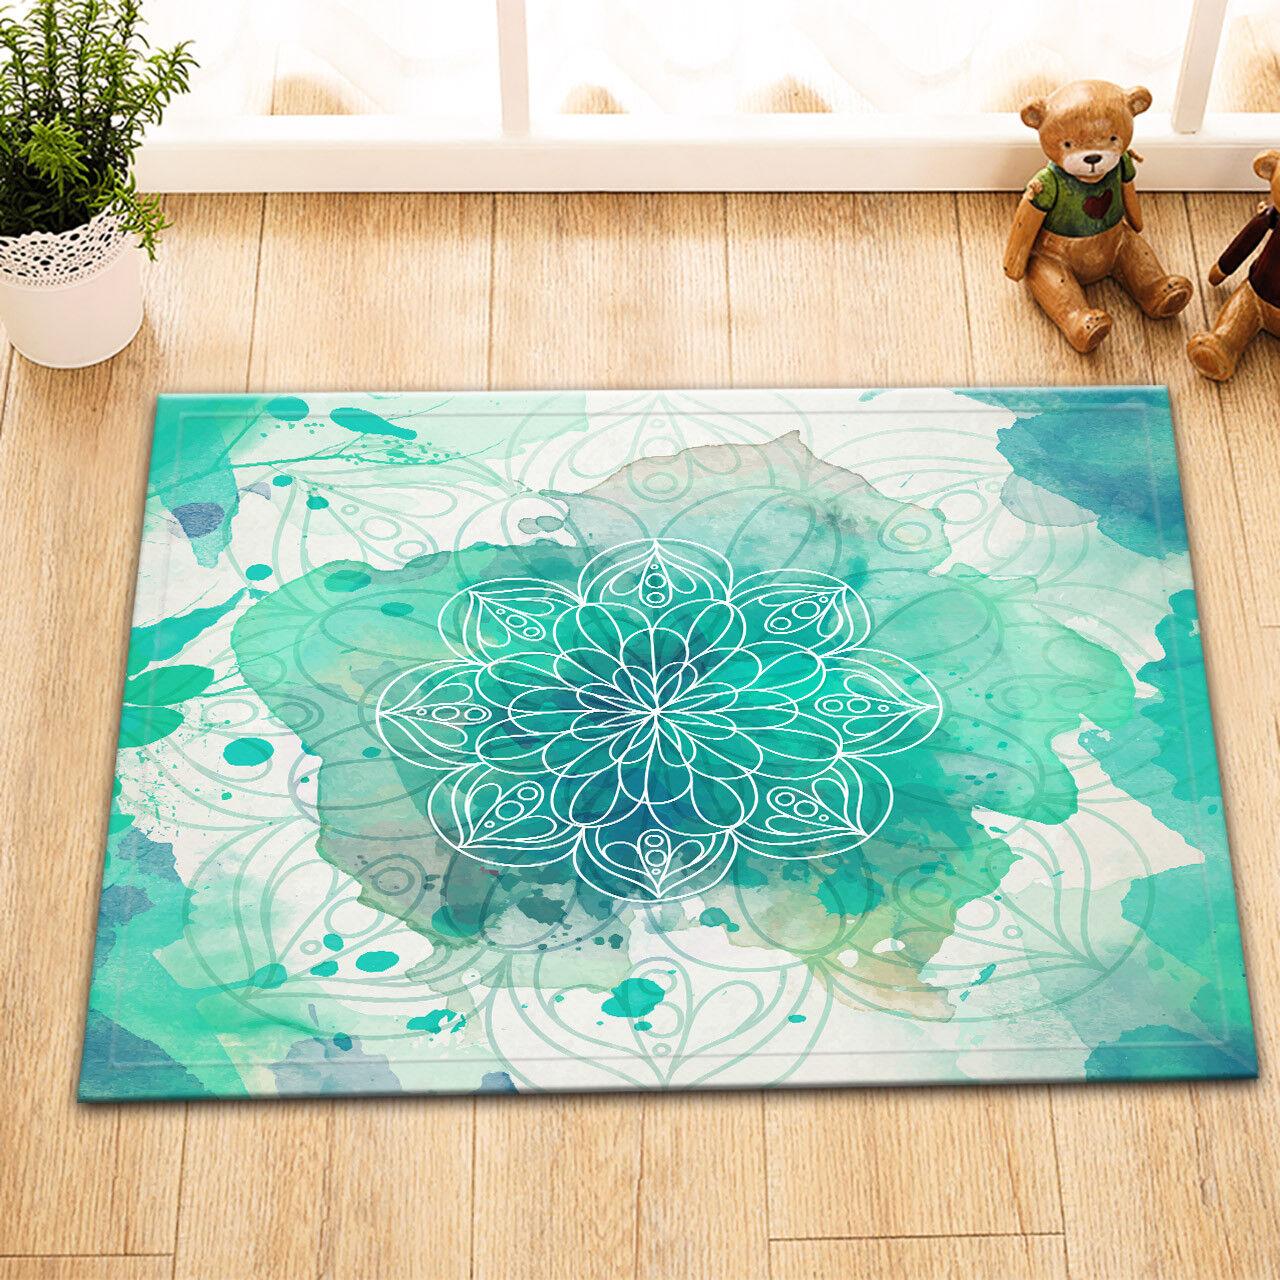 """Mandala Dragon Hippie Non-Slip Bathroom Decor Carpet Bath Mat Rug Carpet 24x16/"""""""